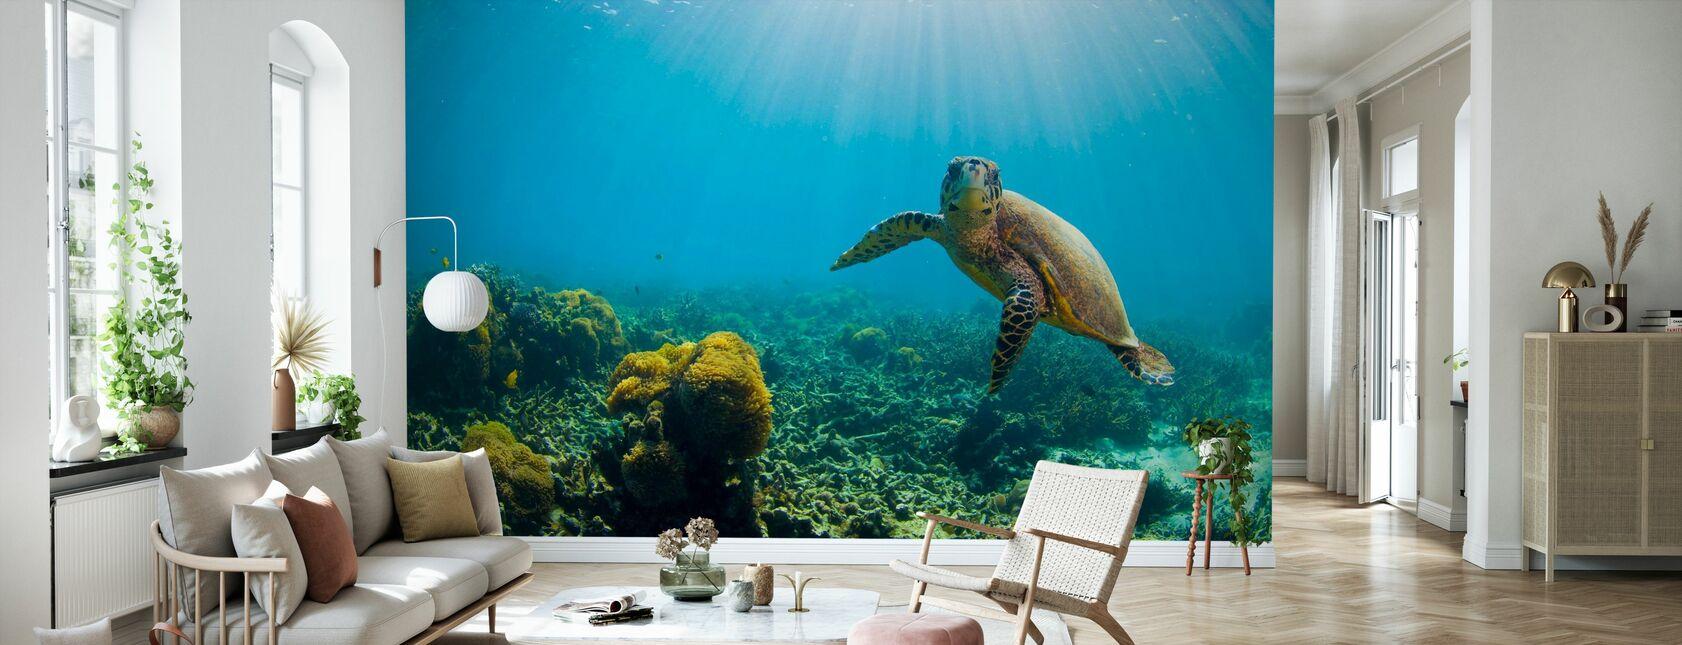 Charmante tortue - Papier peint - Salle à manger